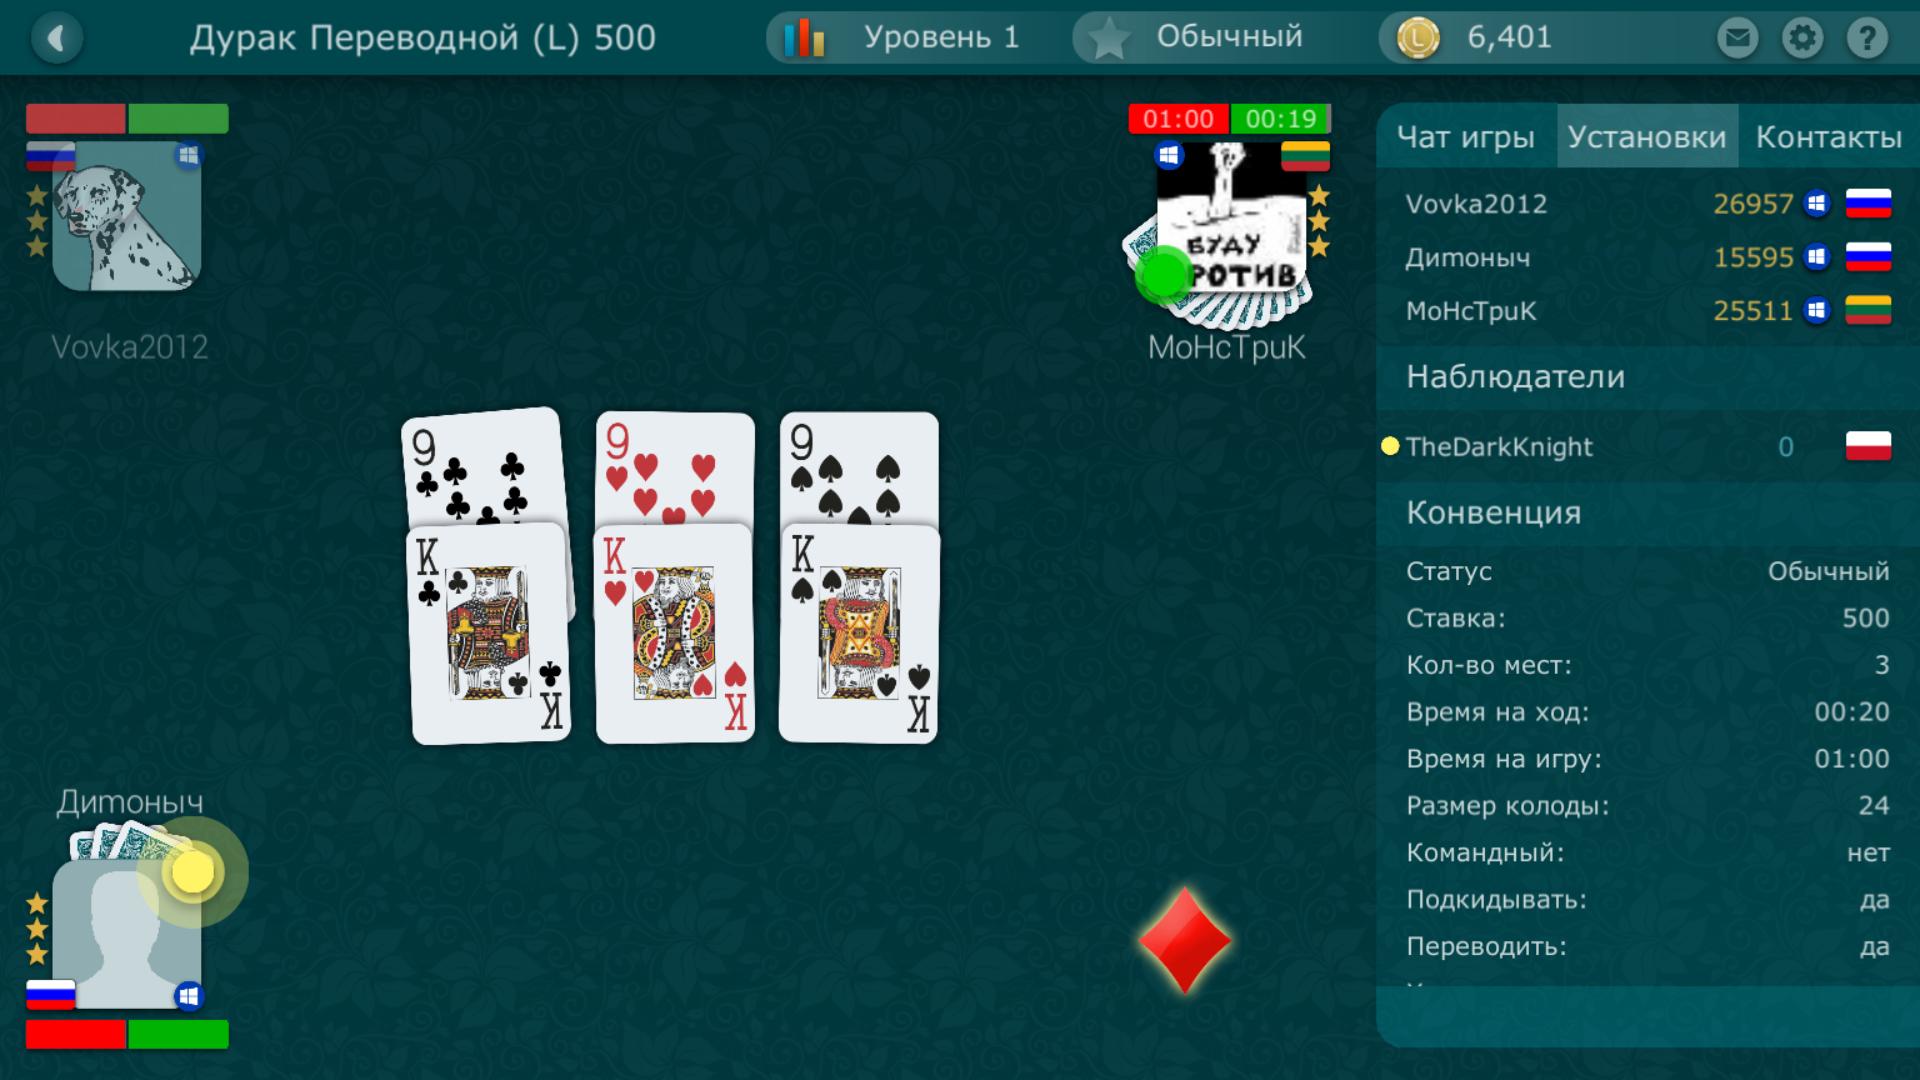 Яндекс играть карты дурака бесплатно виртуальное казино онлайн вулкан